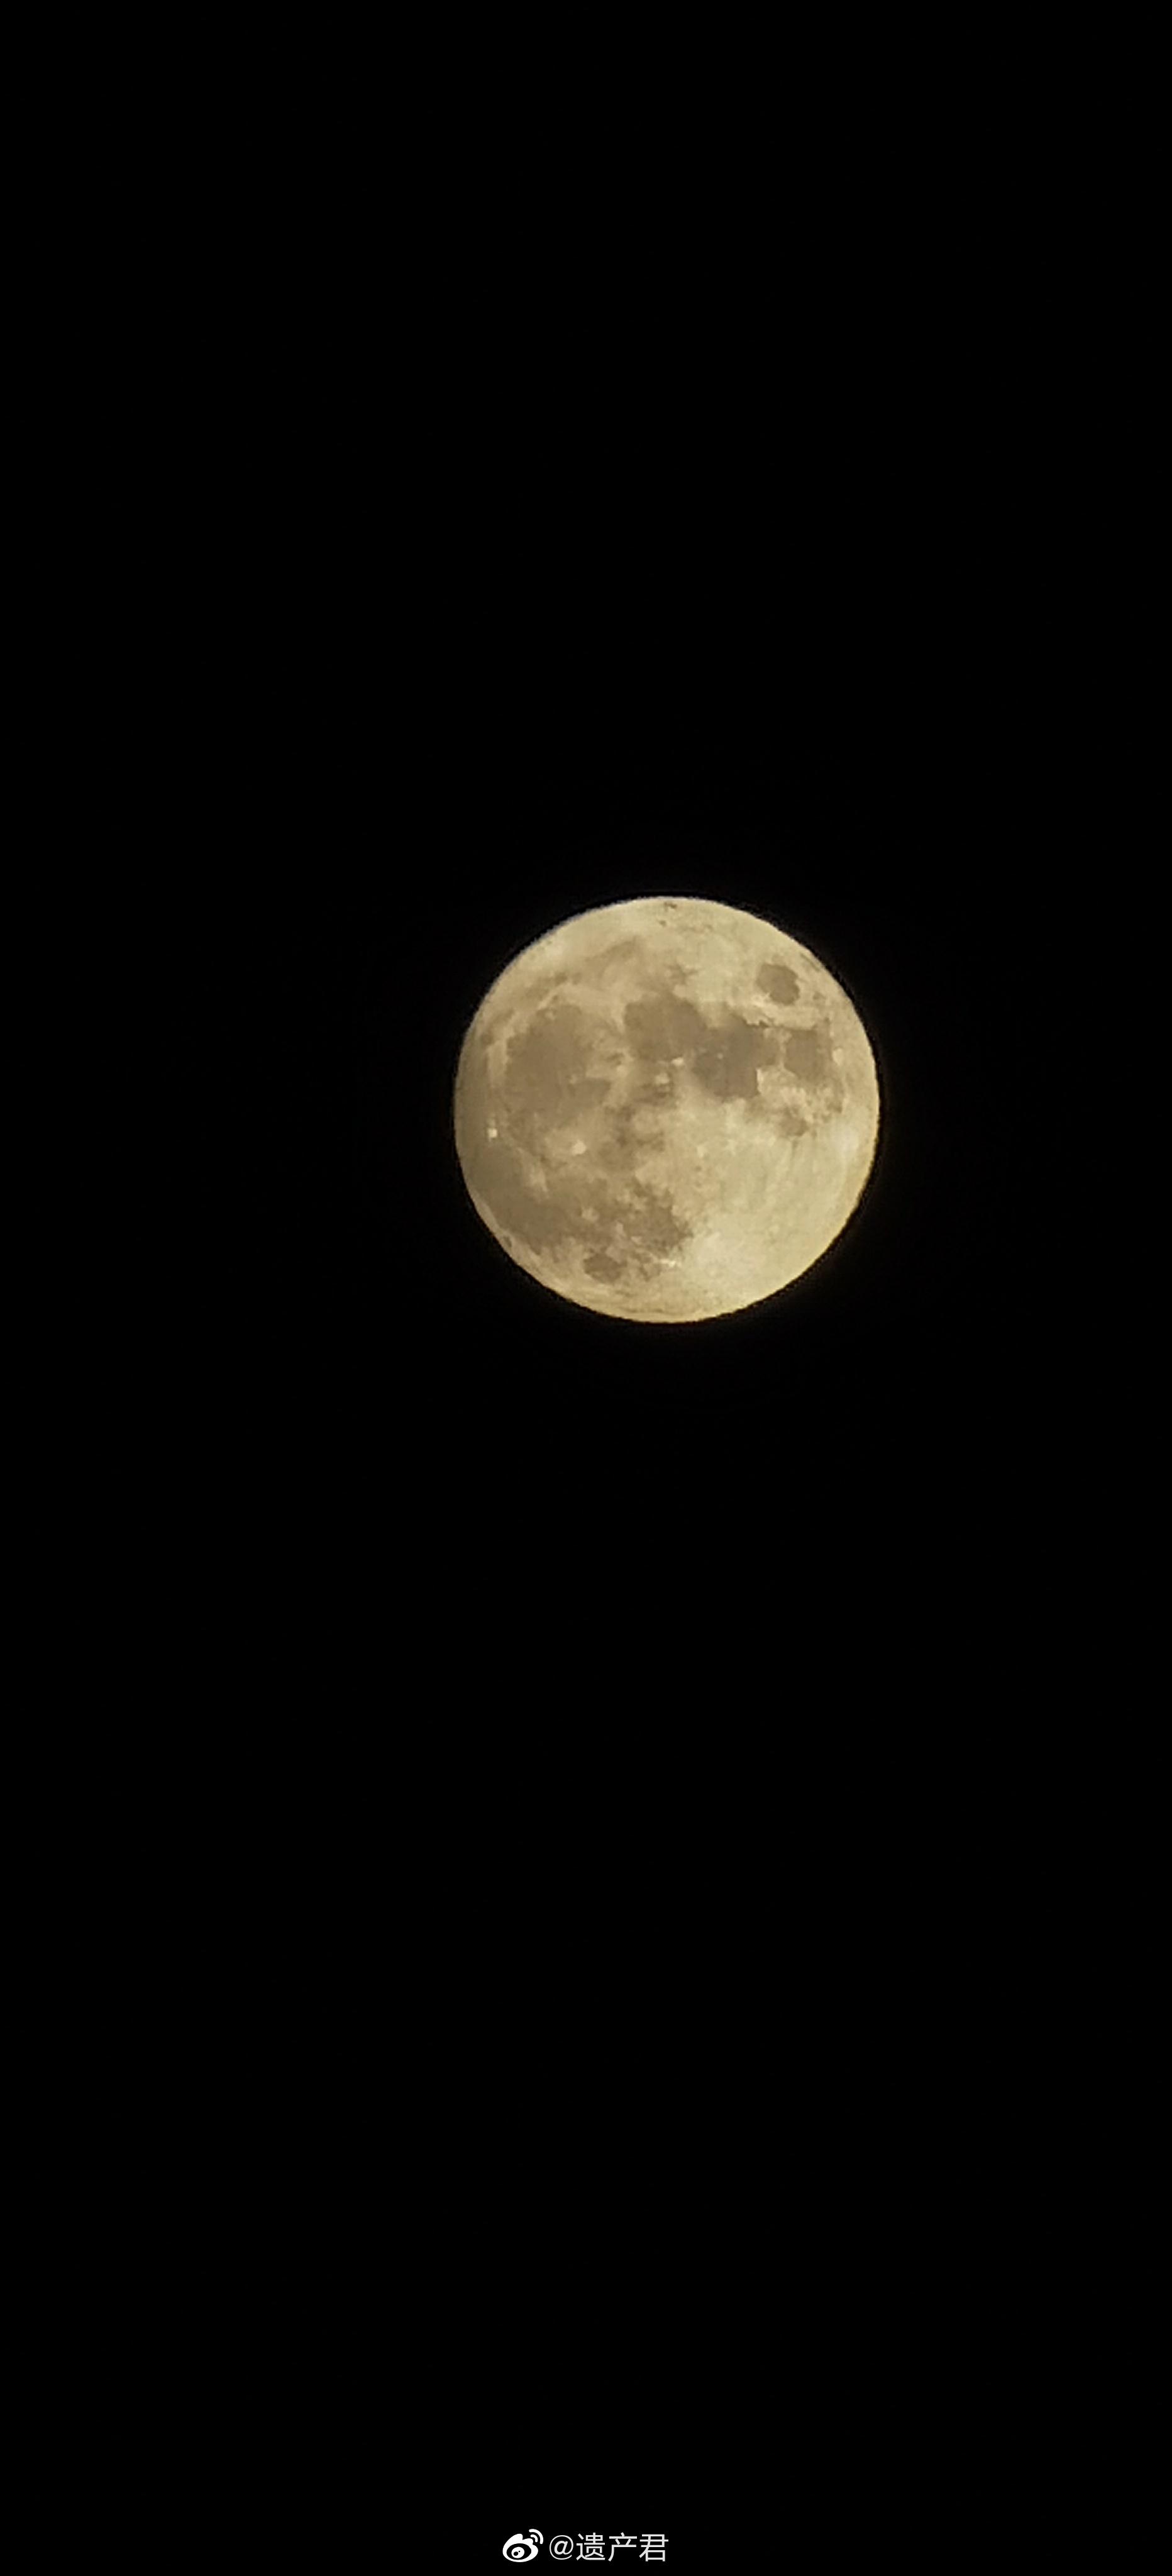 月上柳梢头